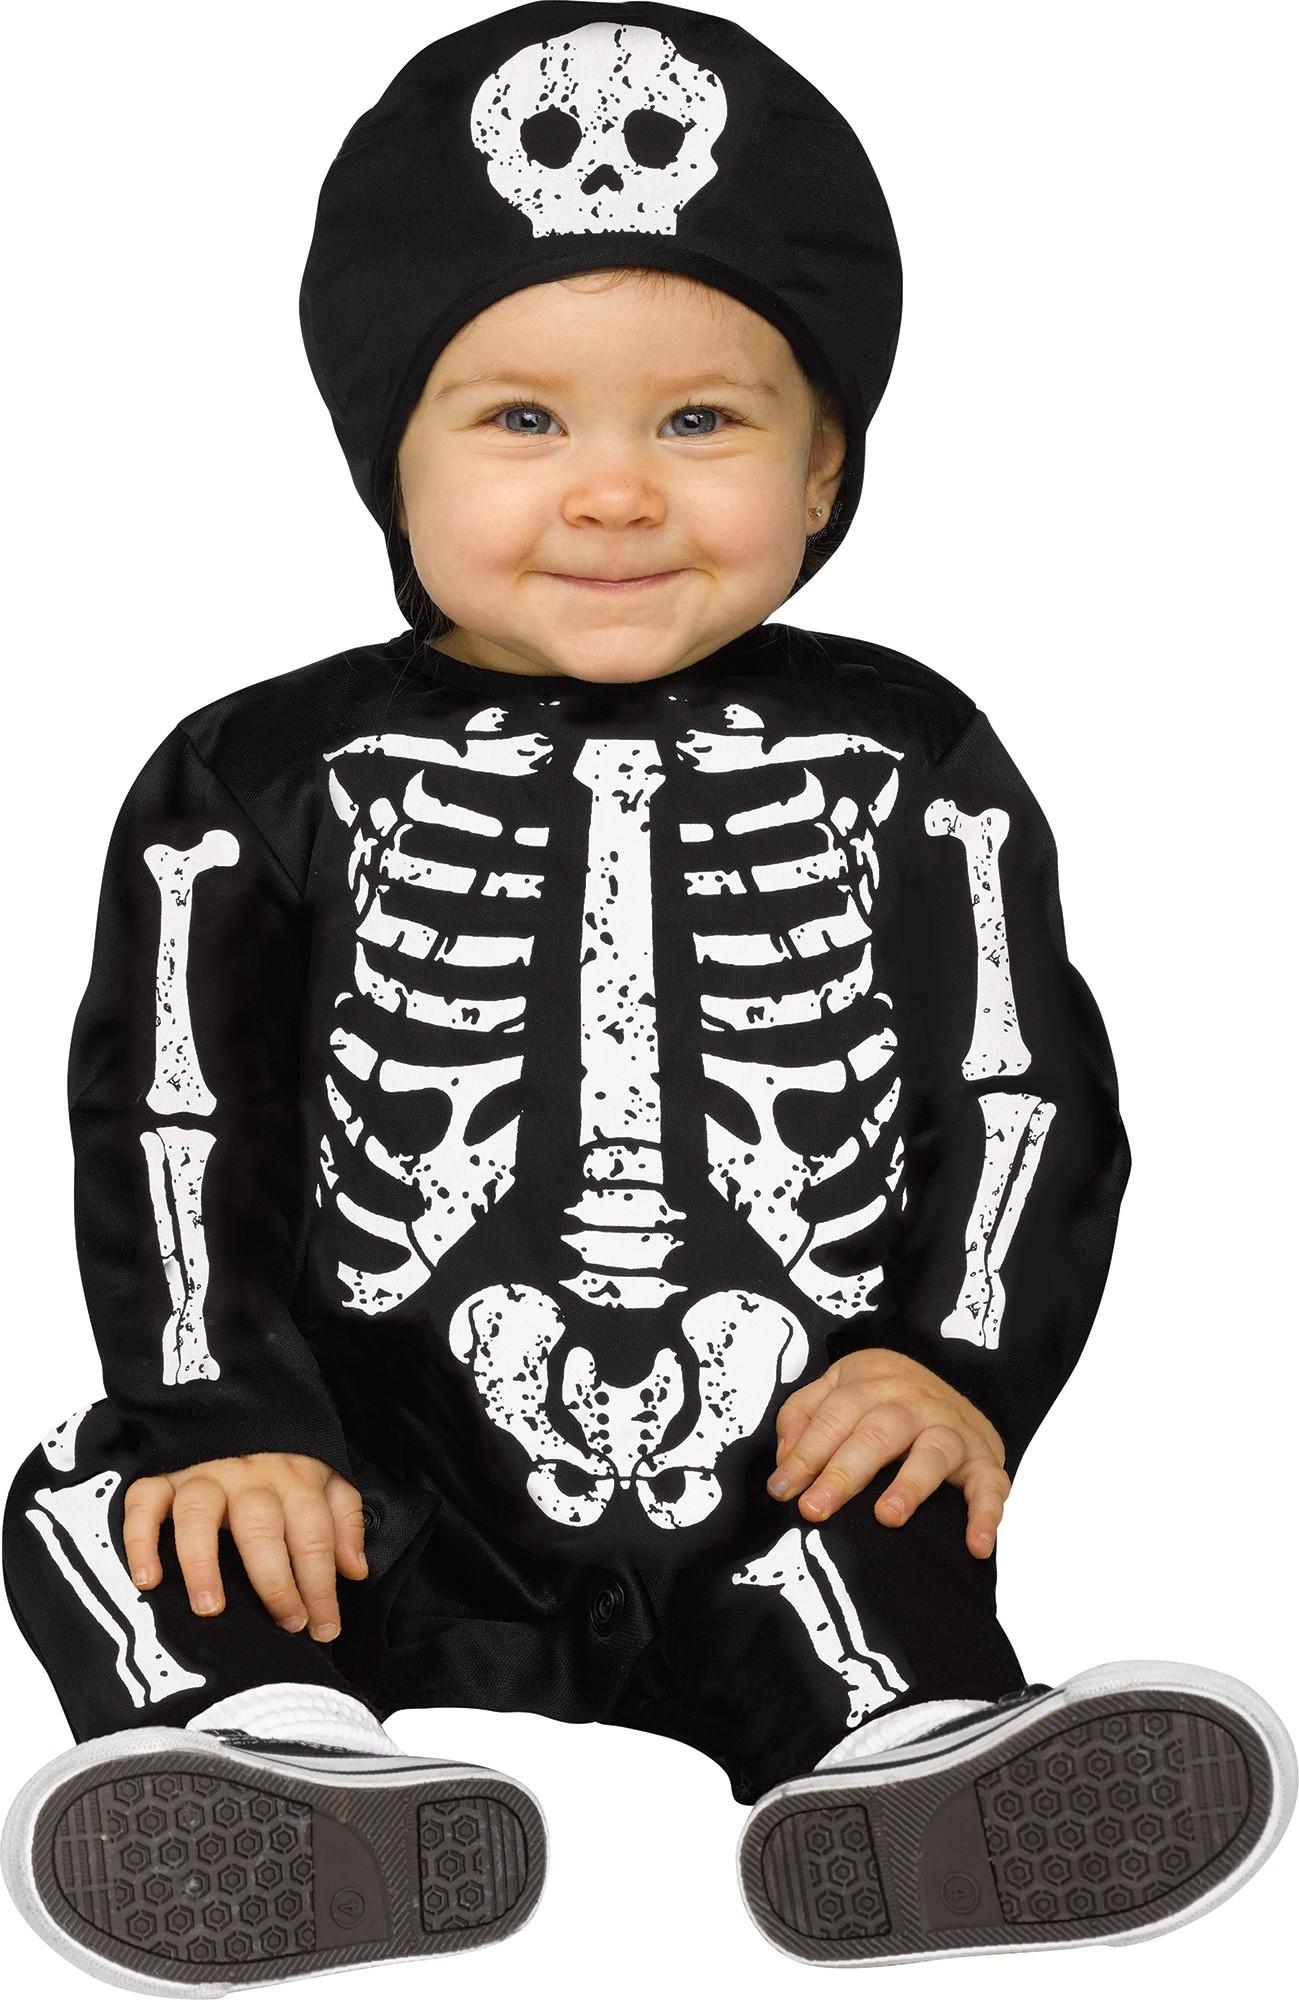 Baby Bones Infants Costume All Halloween